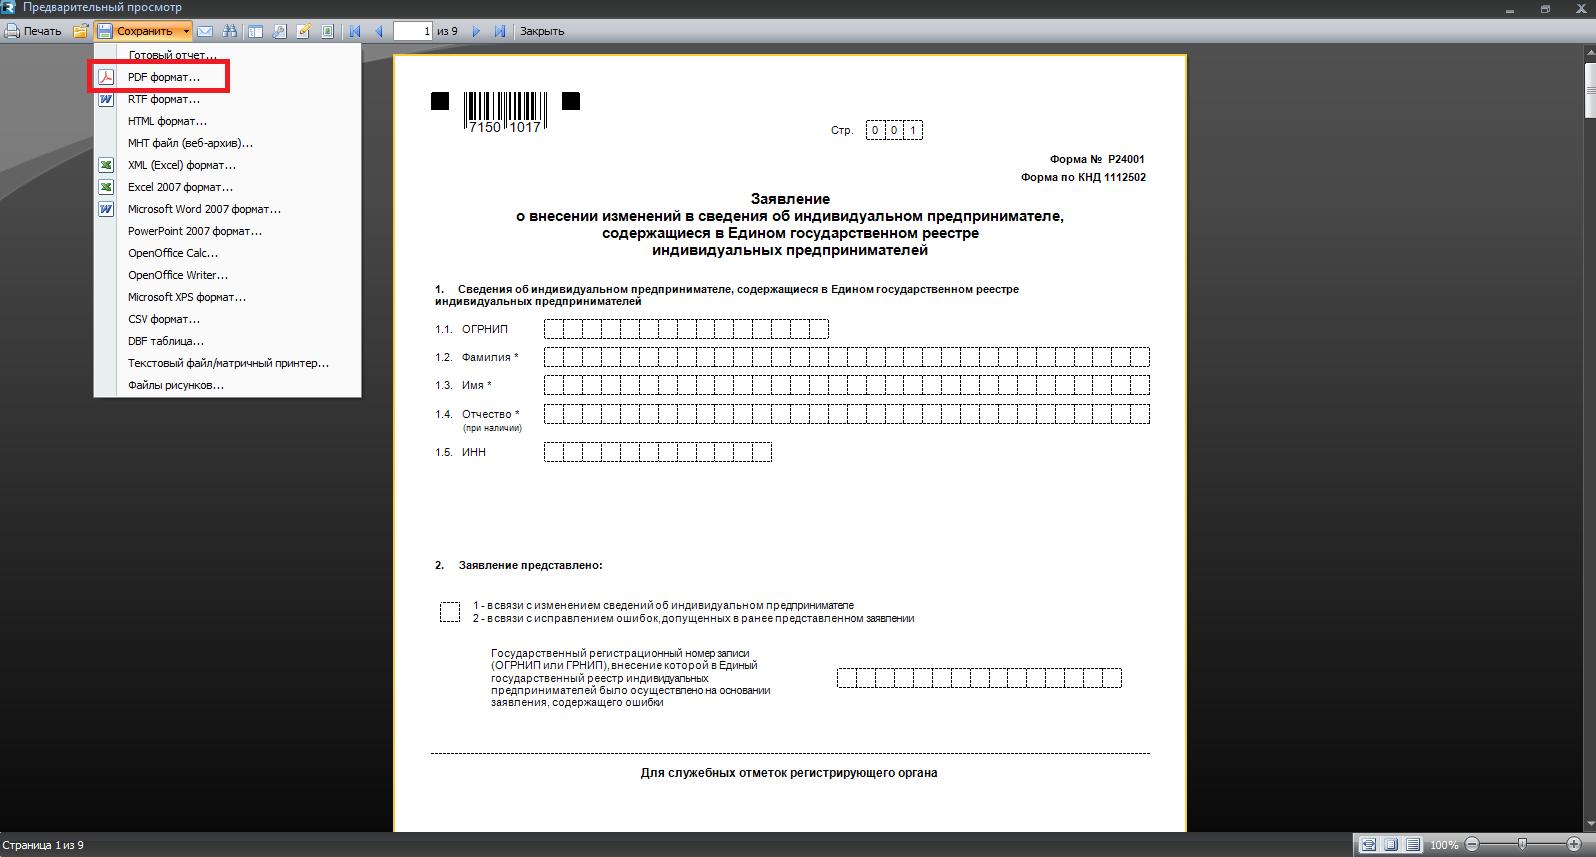 Как отправить заявление об изменении сведений ИП (форма Р24001)